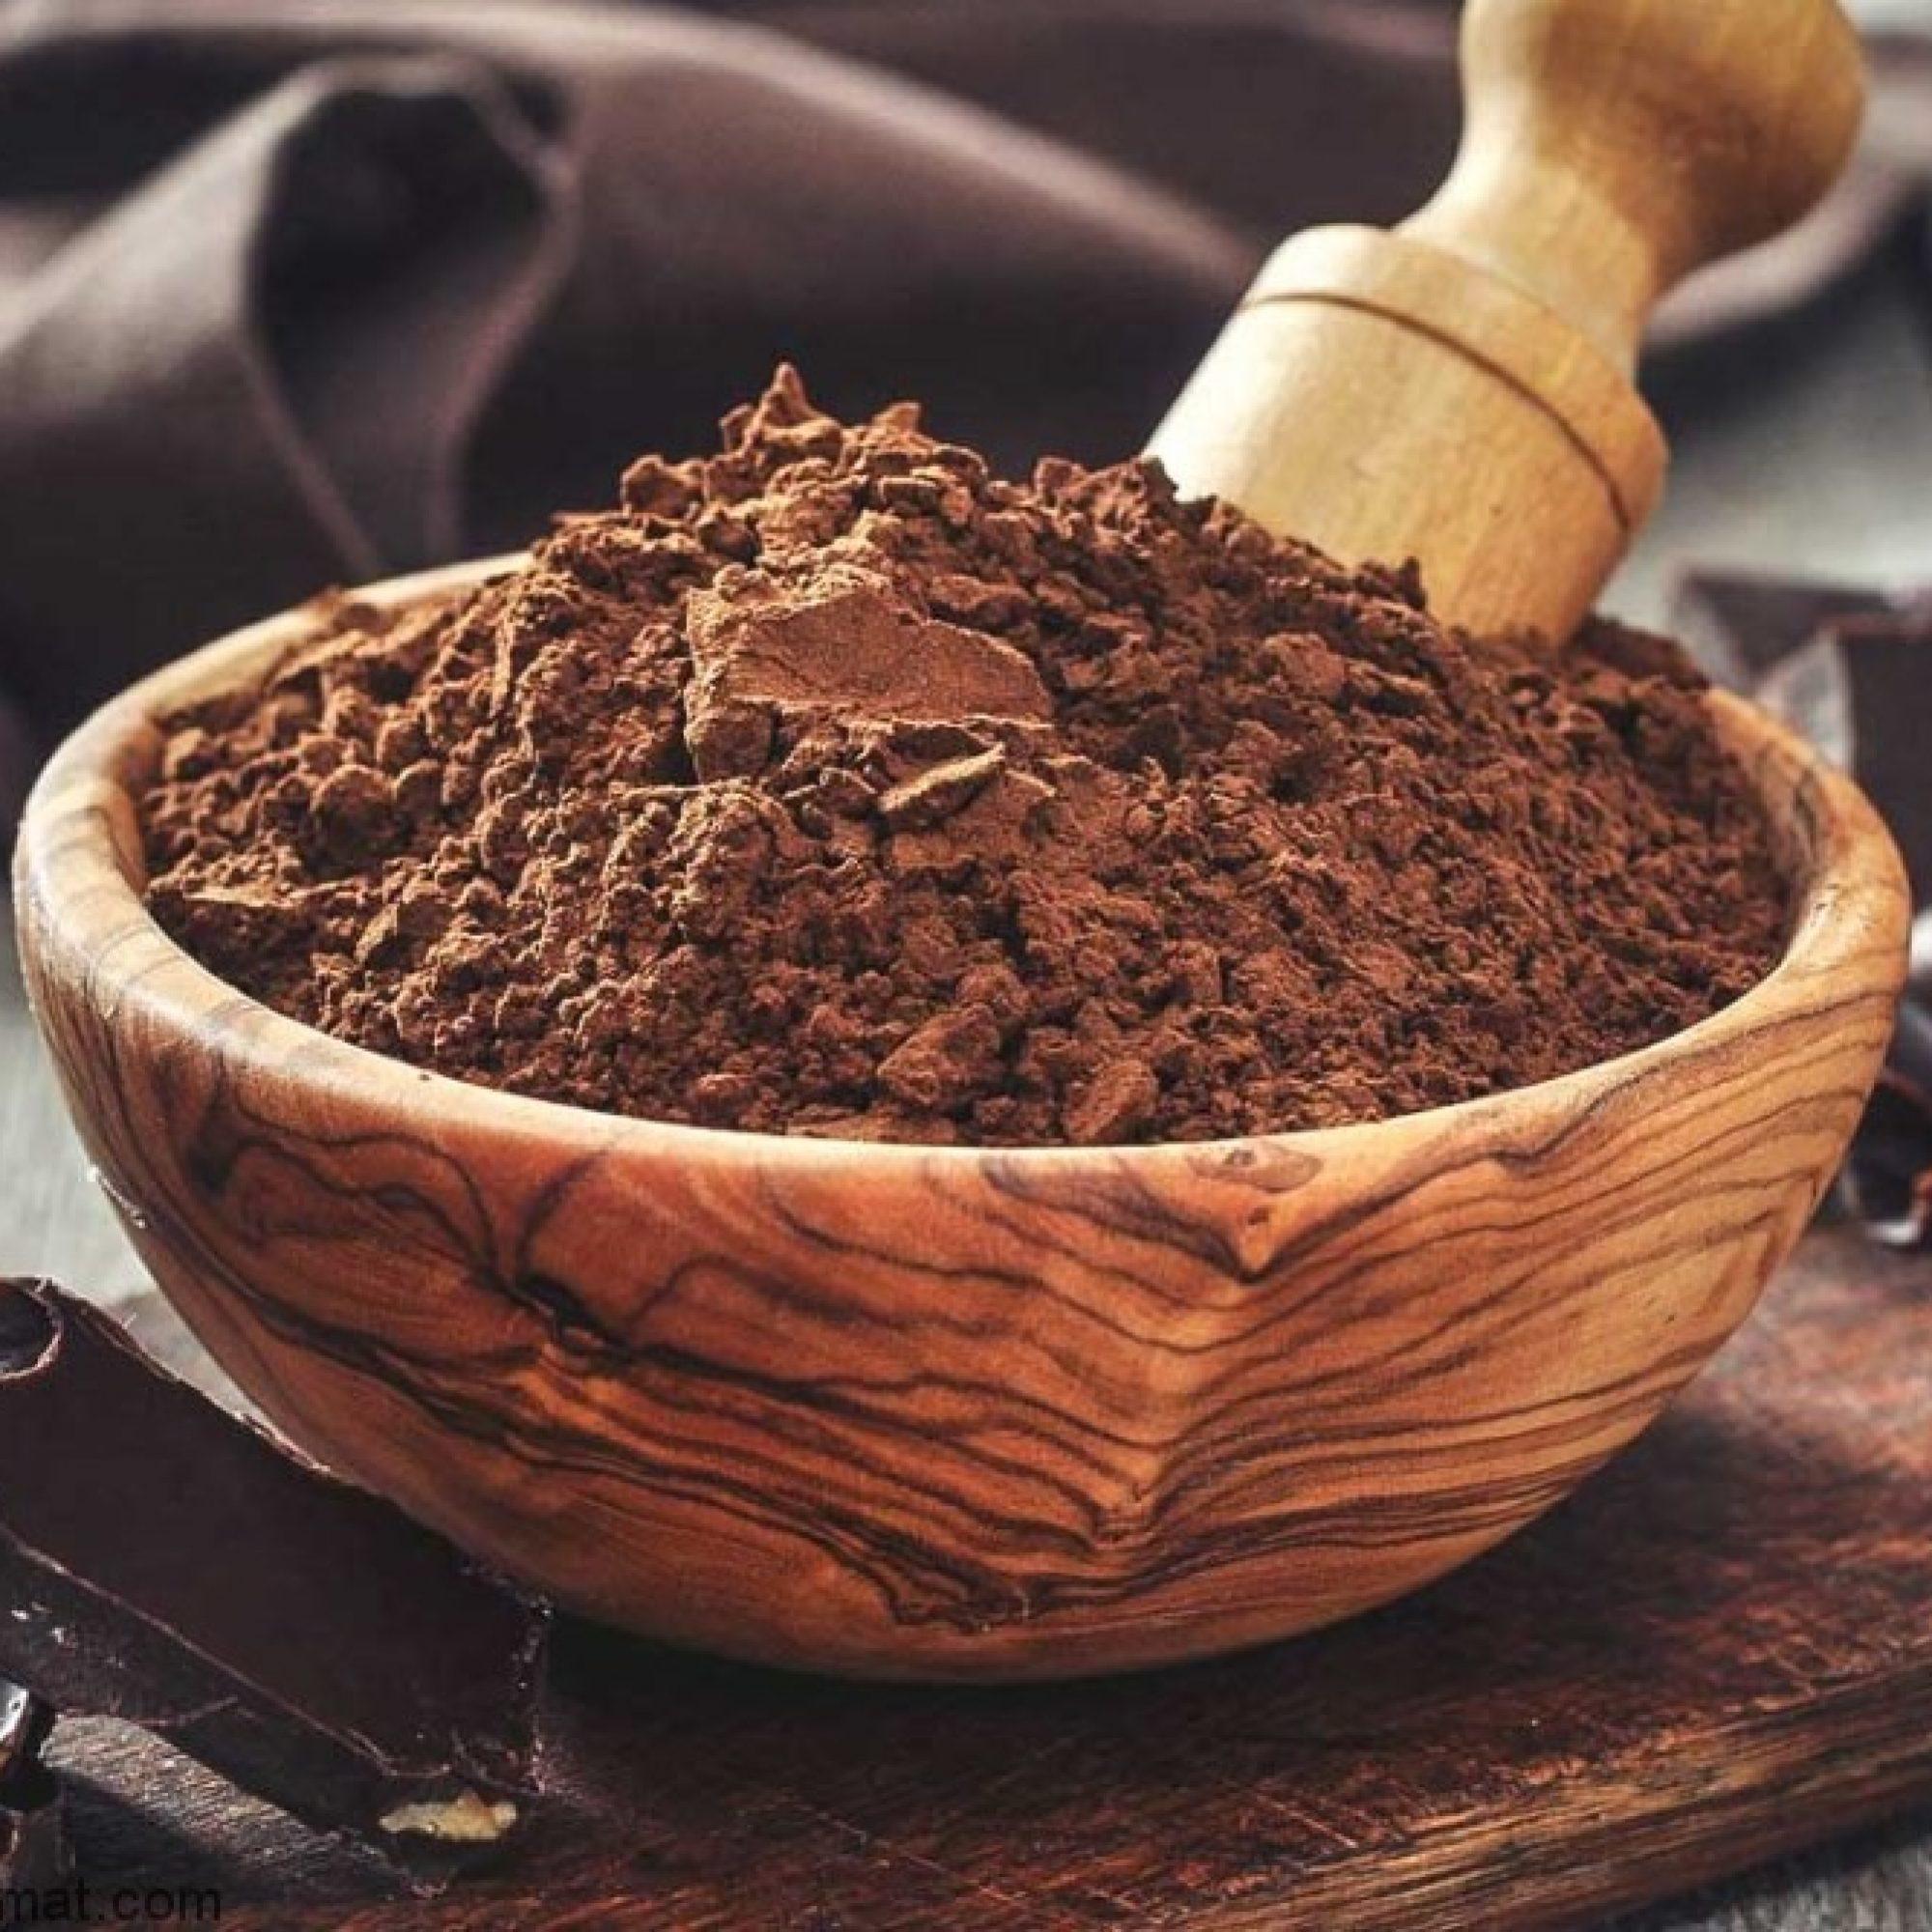 cacao-powder-1